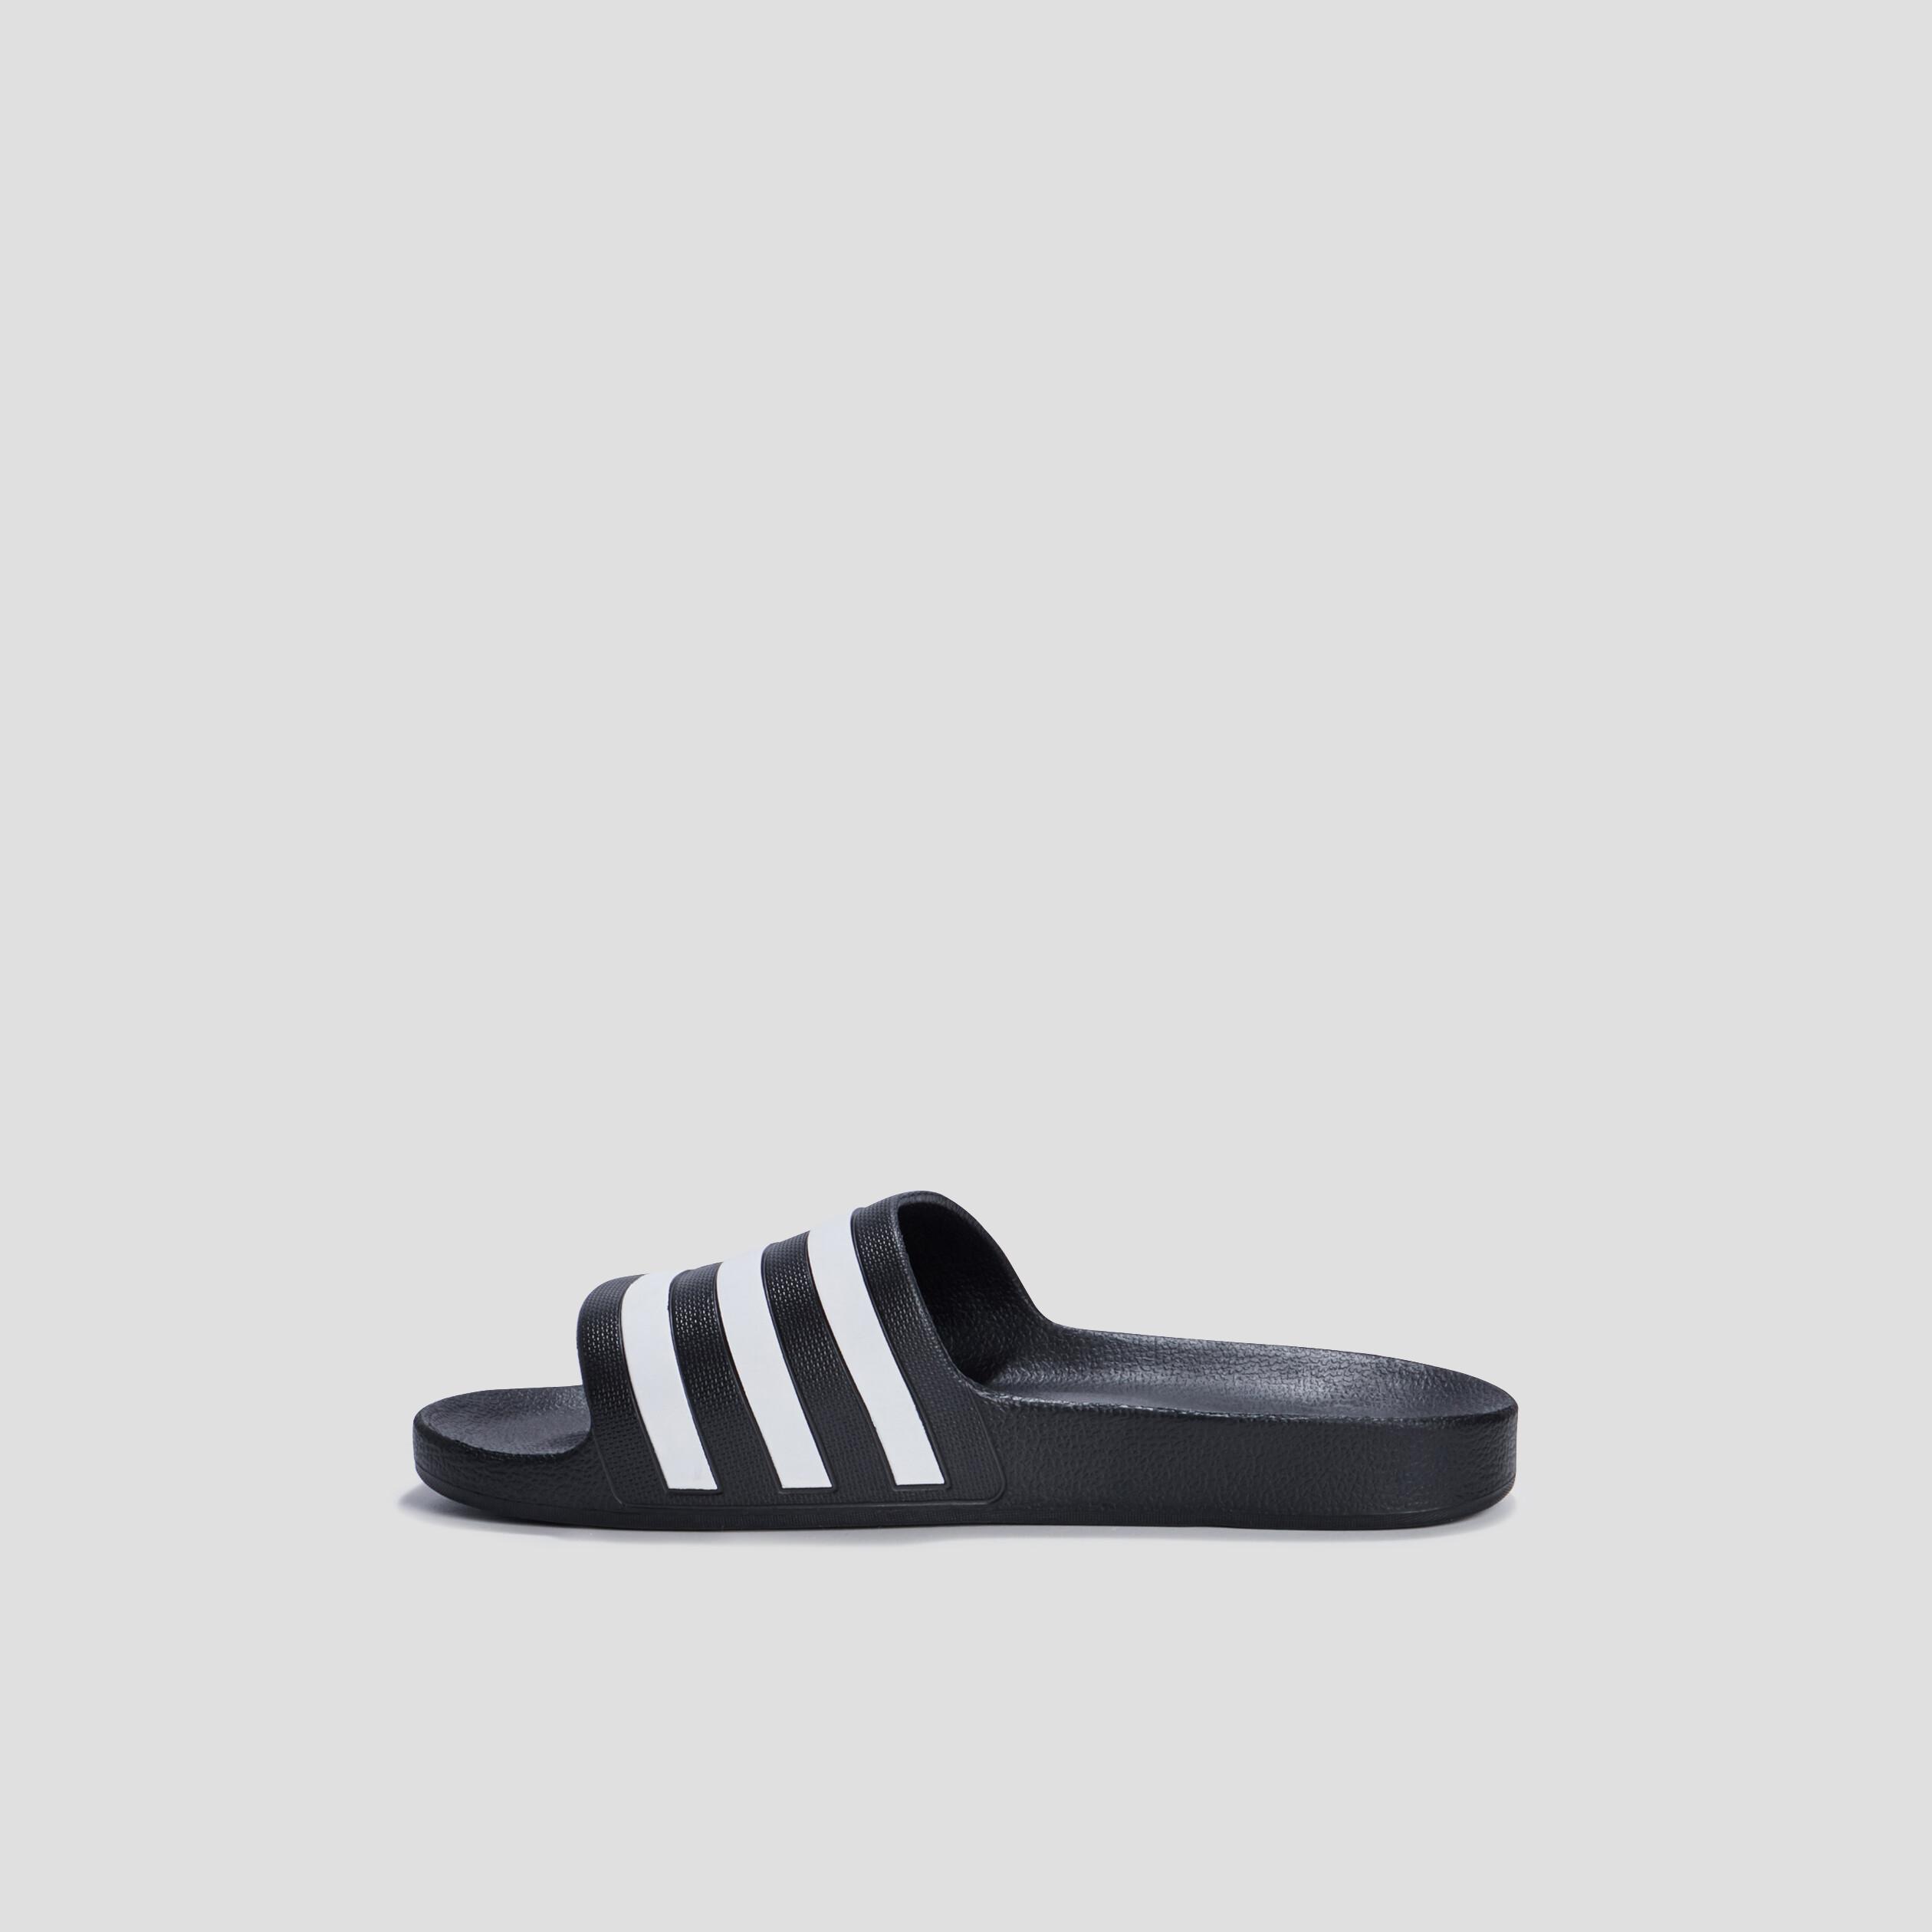 Claquettes Adidas homme noir   La Halle